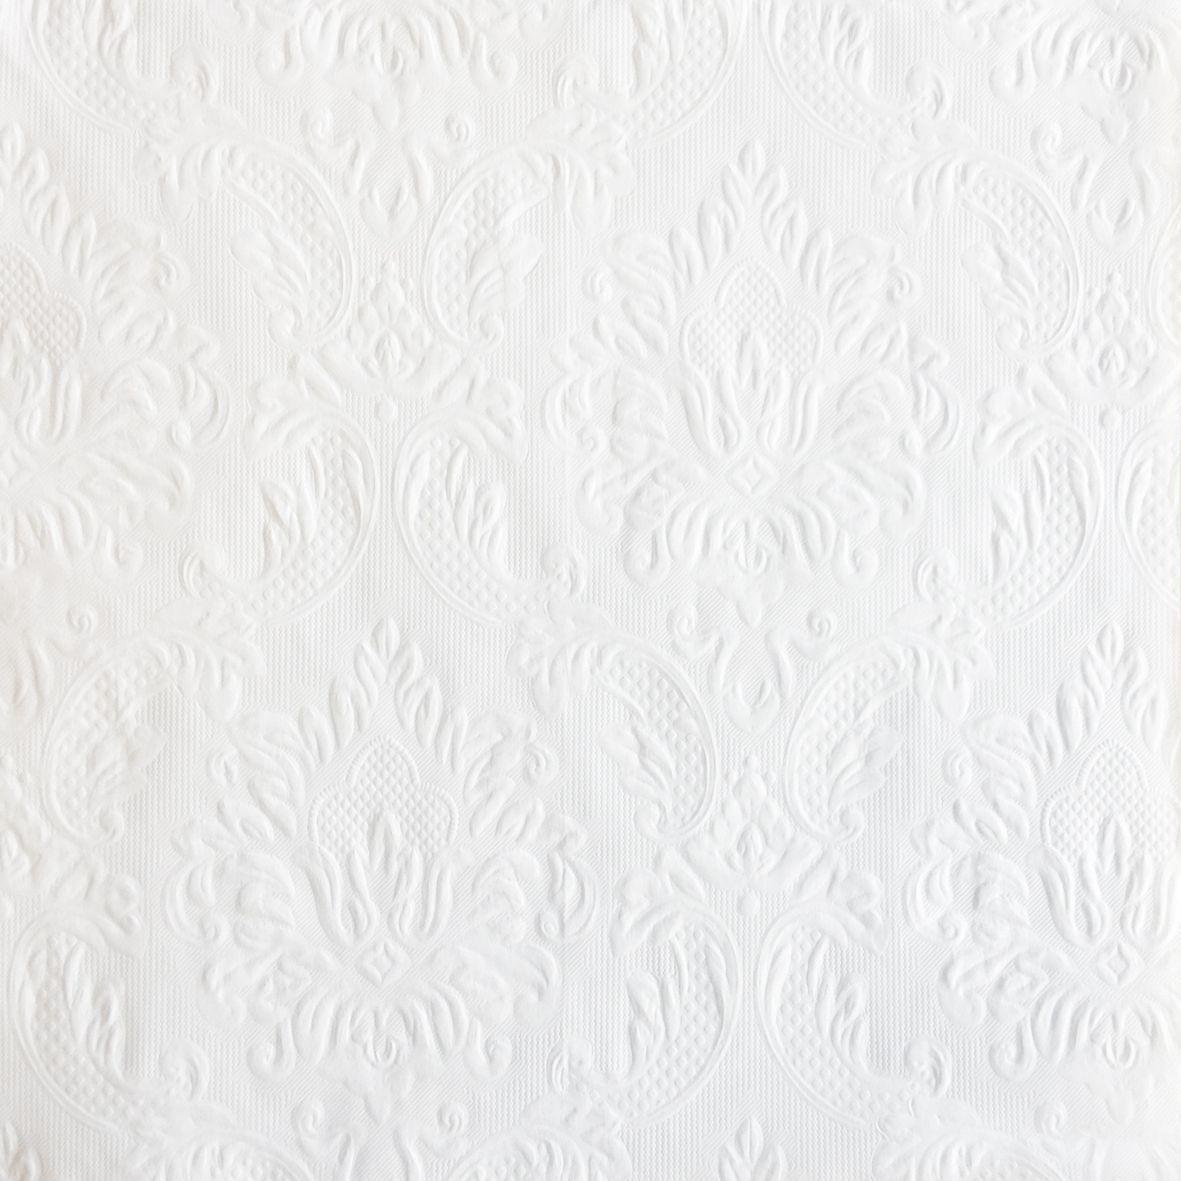 Салфетки бумажные Duni, 3-слойные, с тиснением, цвет: белый, 33 х 33 см, 20 шт54 366027Трехслойные бумажные салфетки изготовлены из экологически чистого, высококачественного сырья - 100% целлюлозы. Салфетки выполнены в оригинальном и современном стиле, прекрасно сочетаются с любым интерьером и всегда будут прекрасным и незаменимым украшением стола.